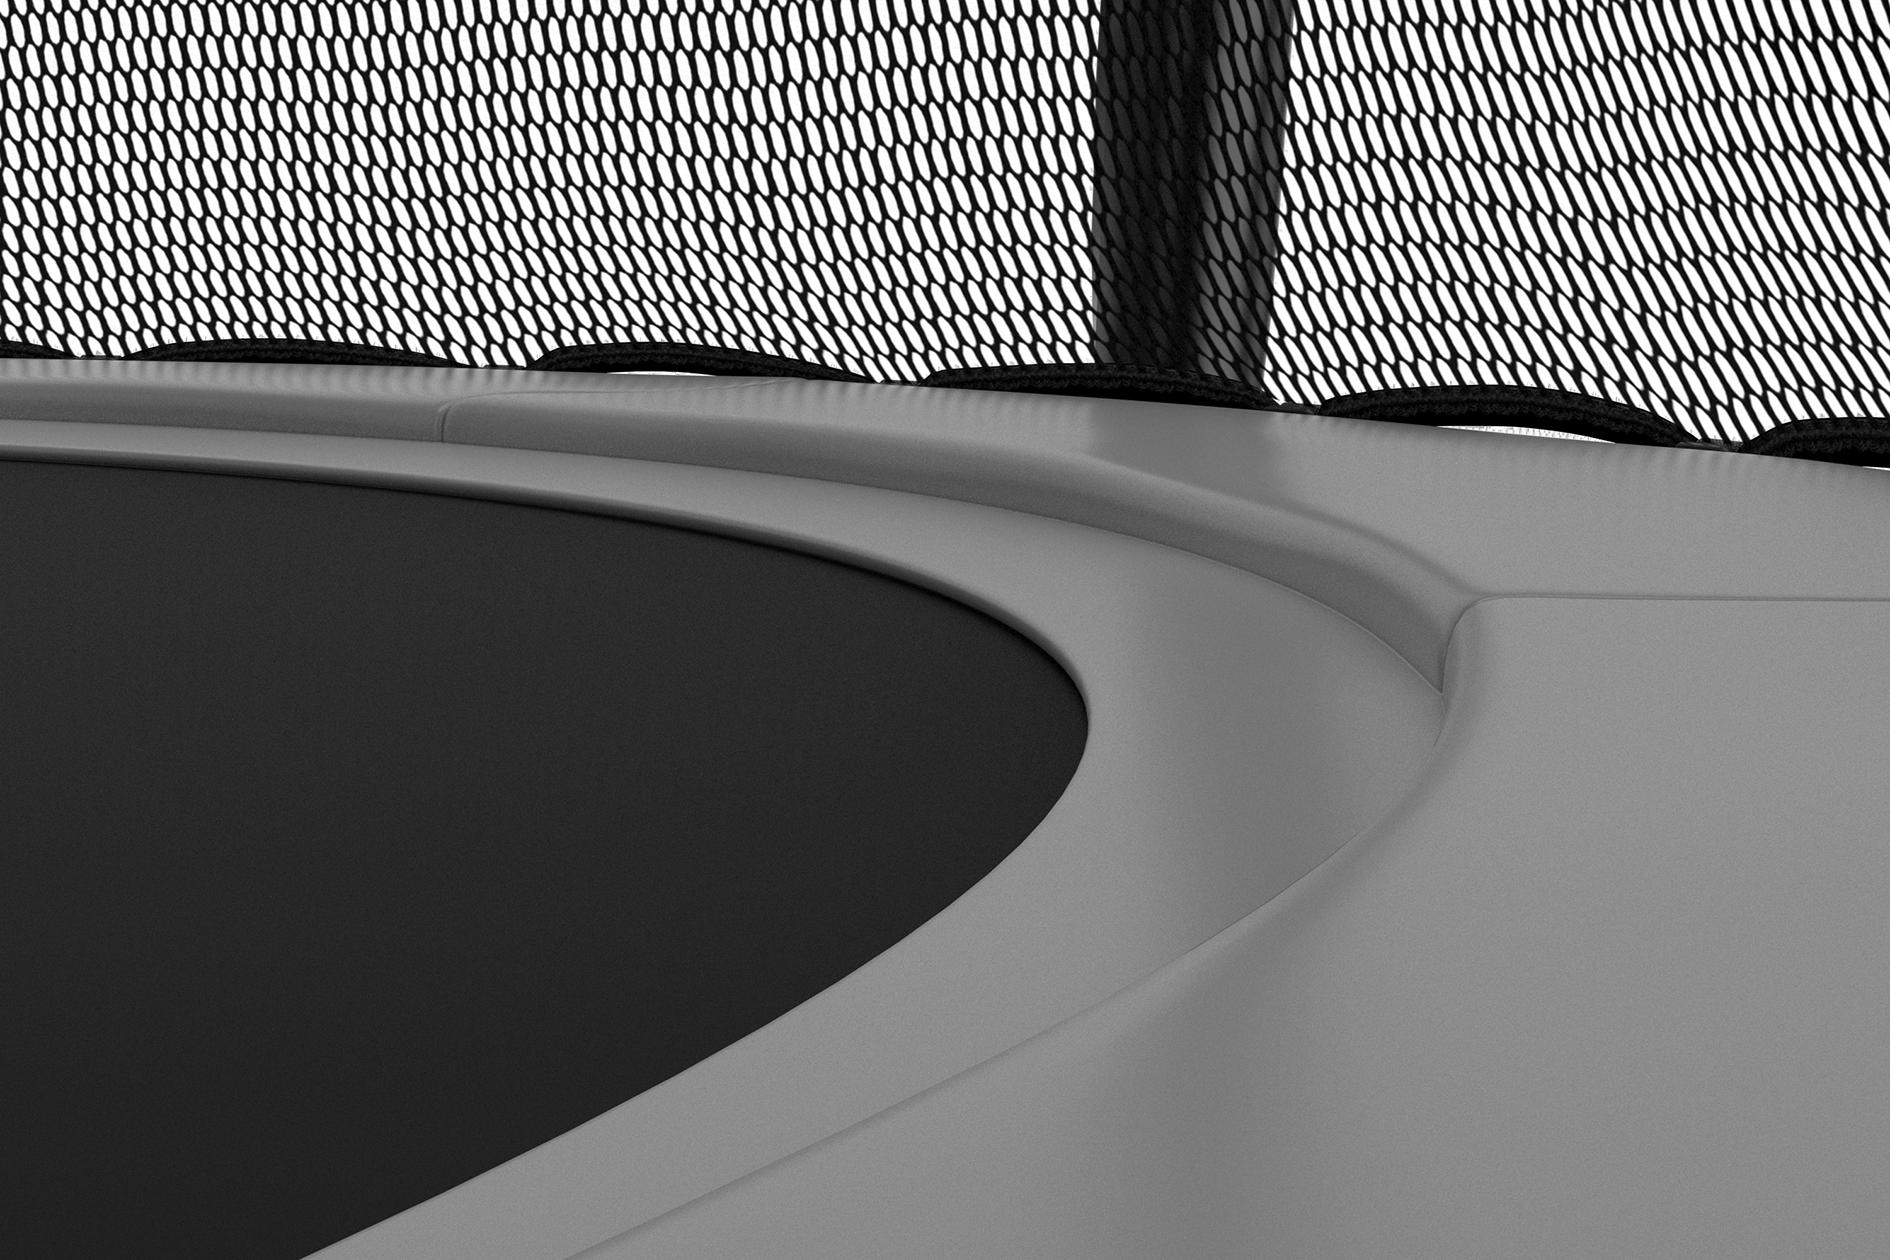 Glosy (sjajna) heavy-duty navlaka zaštitne strunjače otporna na UV zrake, vodu i vremenske utjecaje s dodatnom zaštitom od opruga